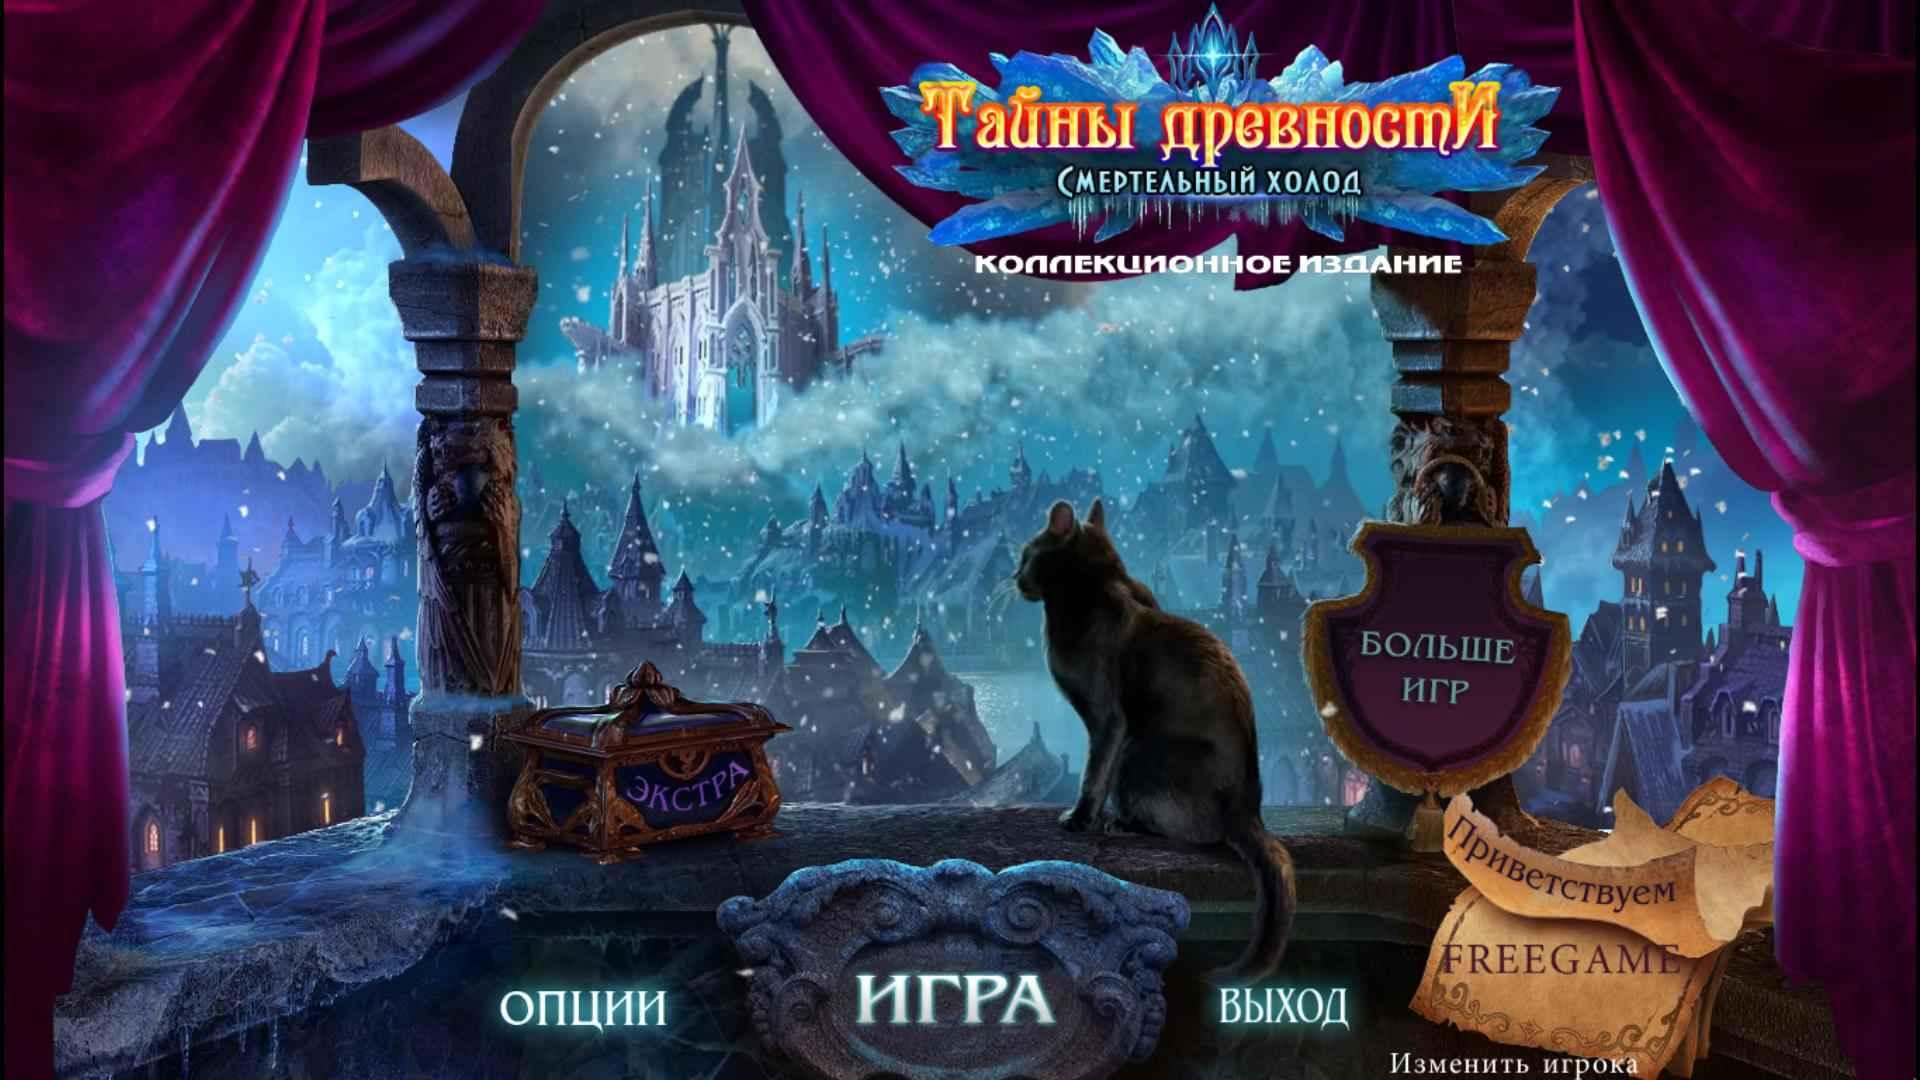 Тайны древних 4. Смертельный холод. Коллекционное издание | Mystery of the Ancients 4: Deadly Cold CE (Rus)